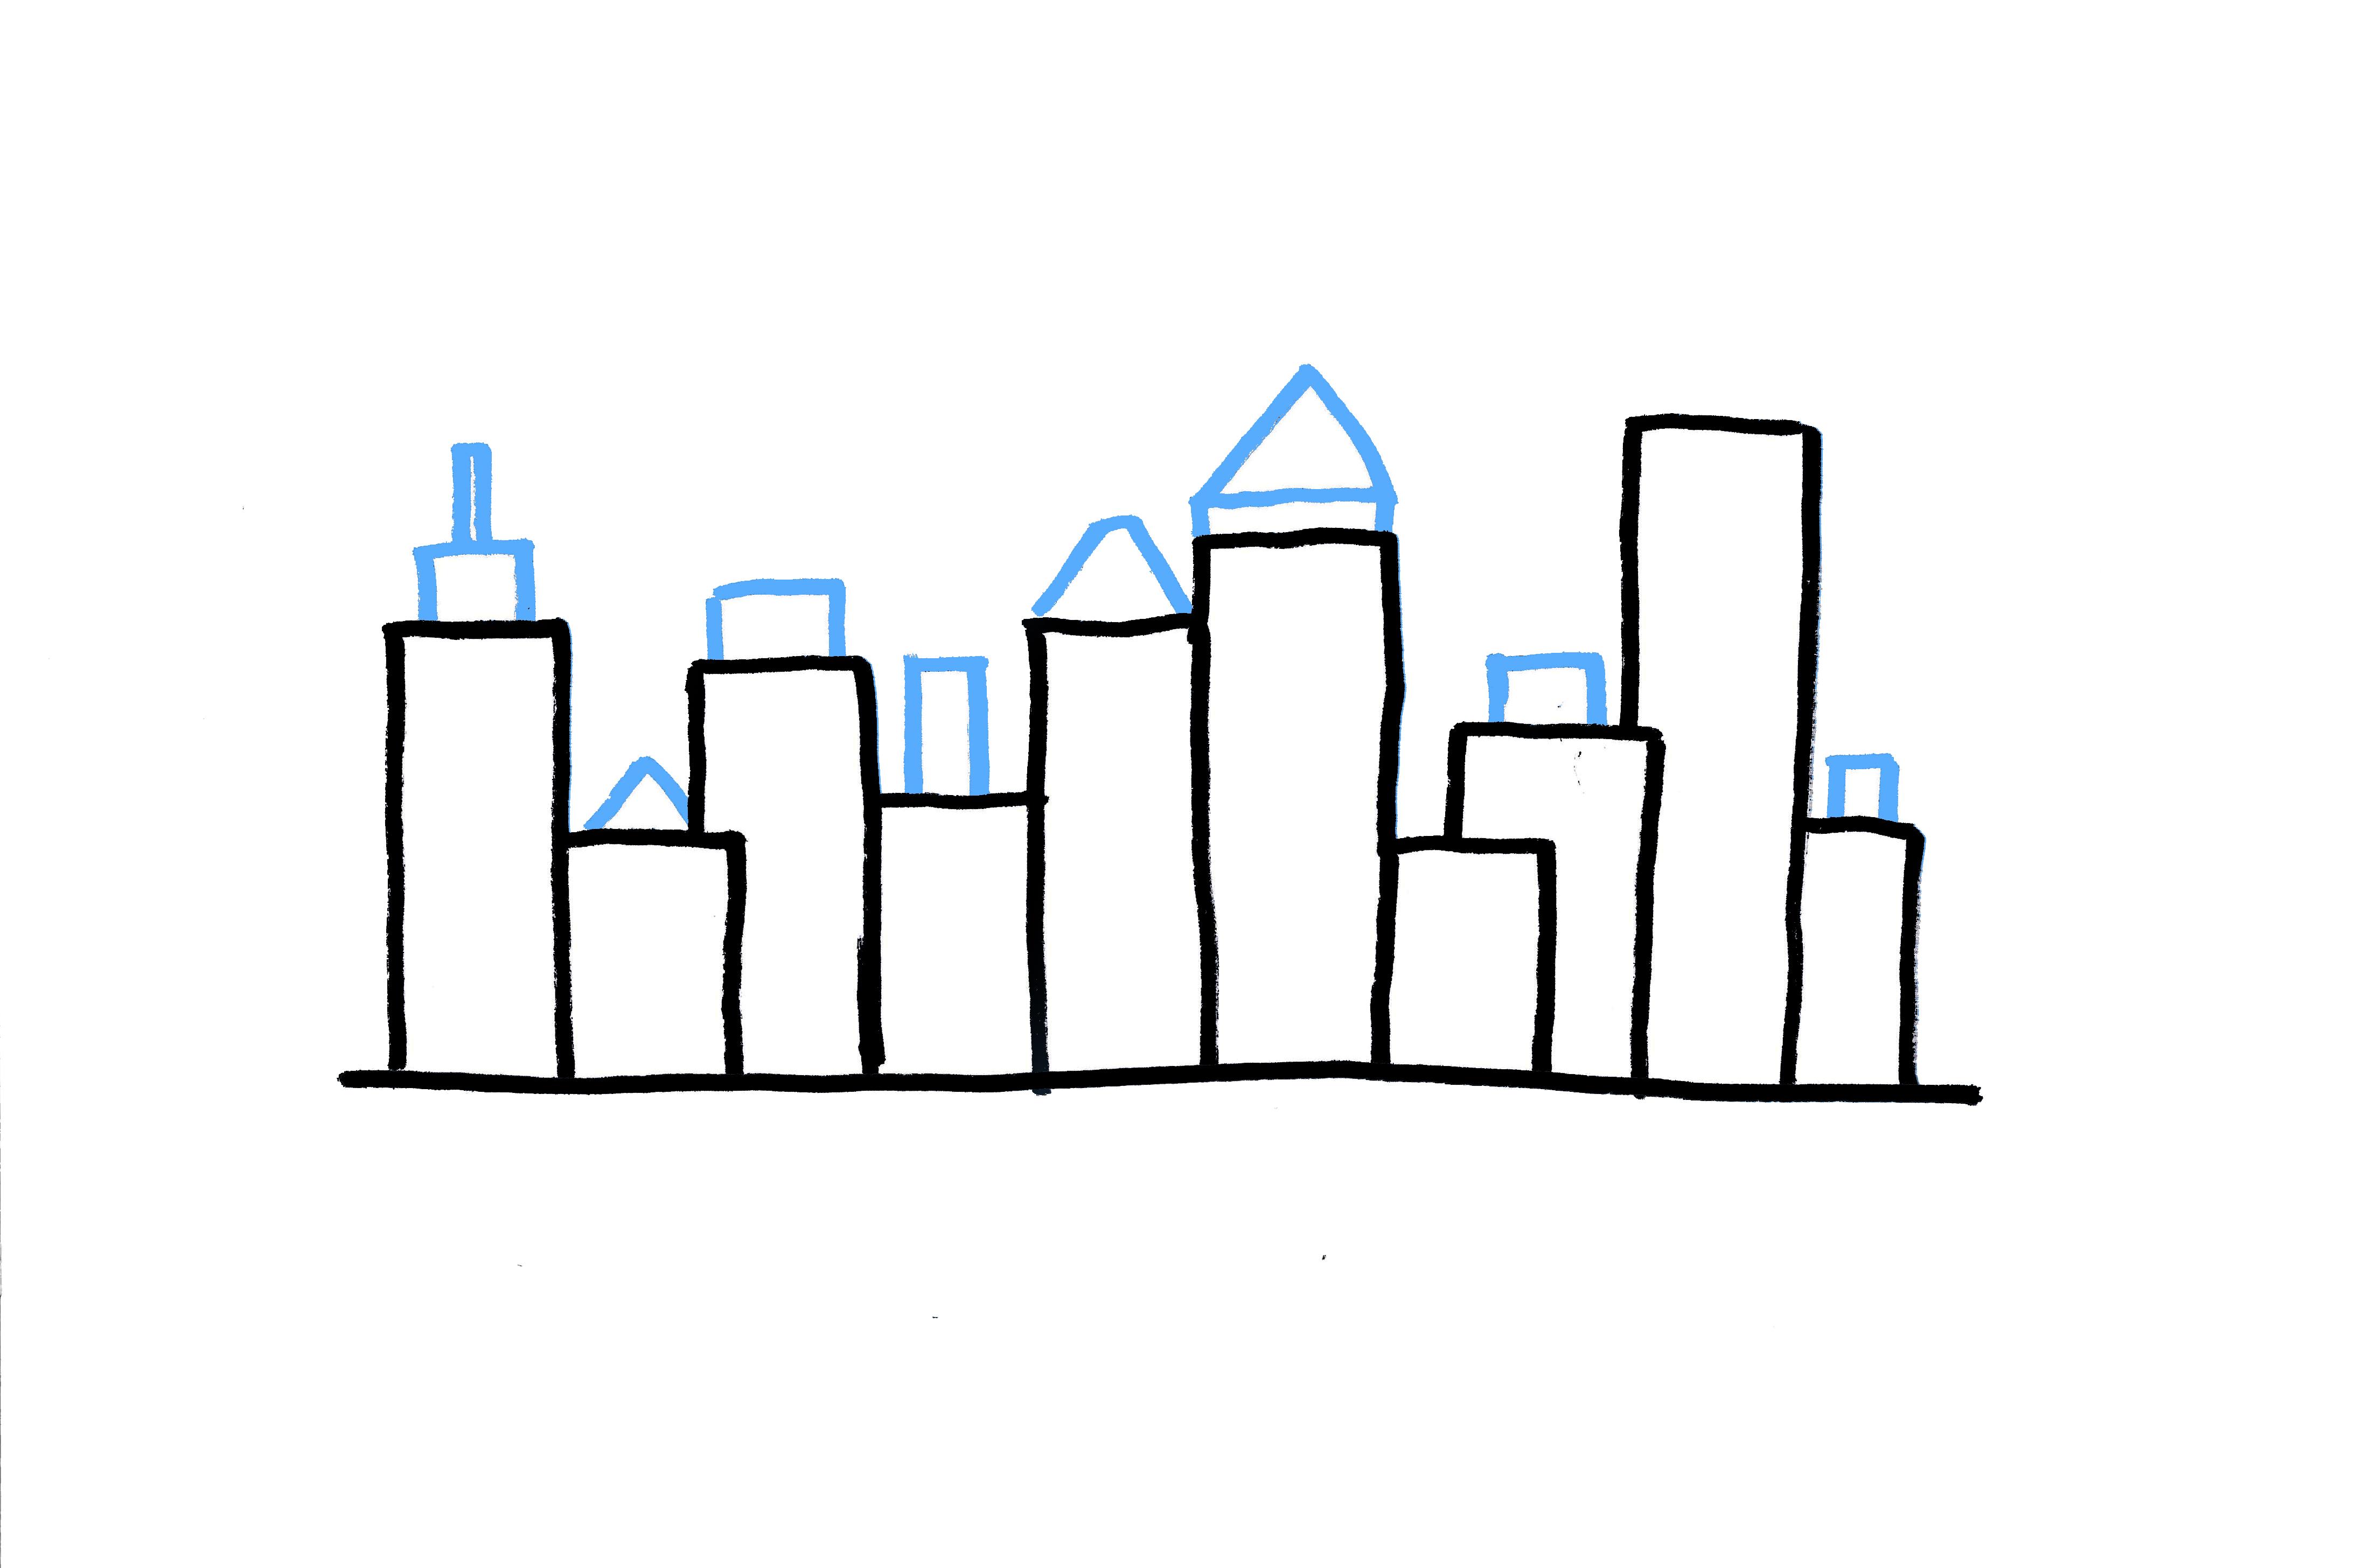 Drawn skyline simple Ways building 3 Draw How